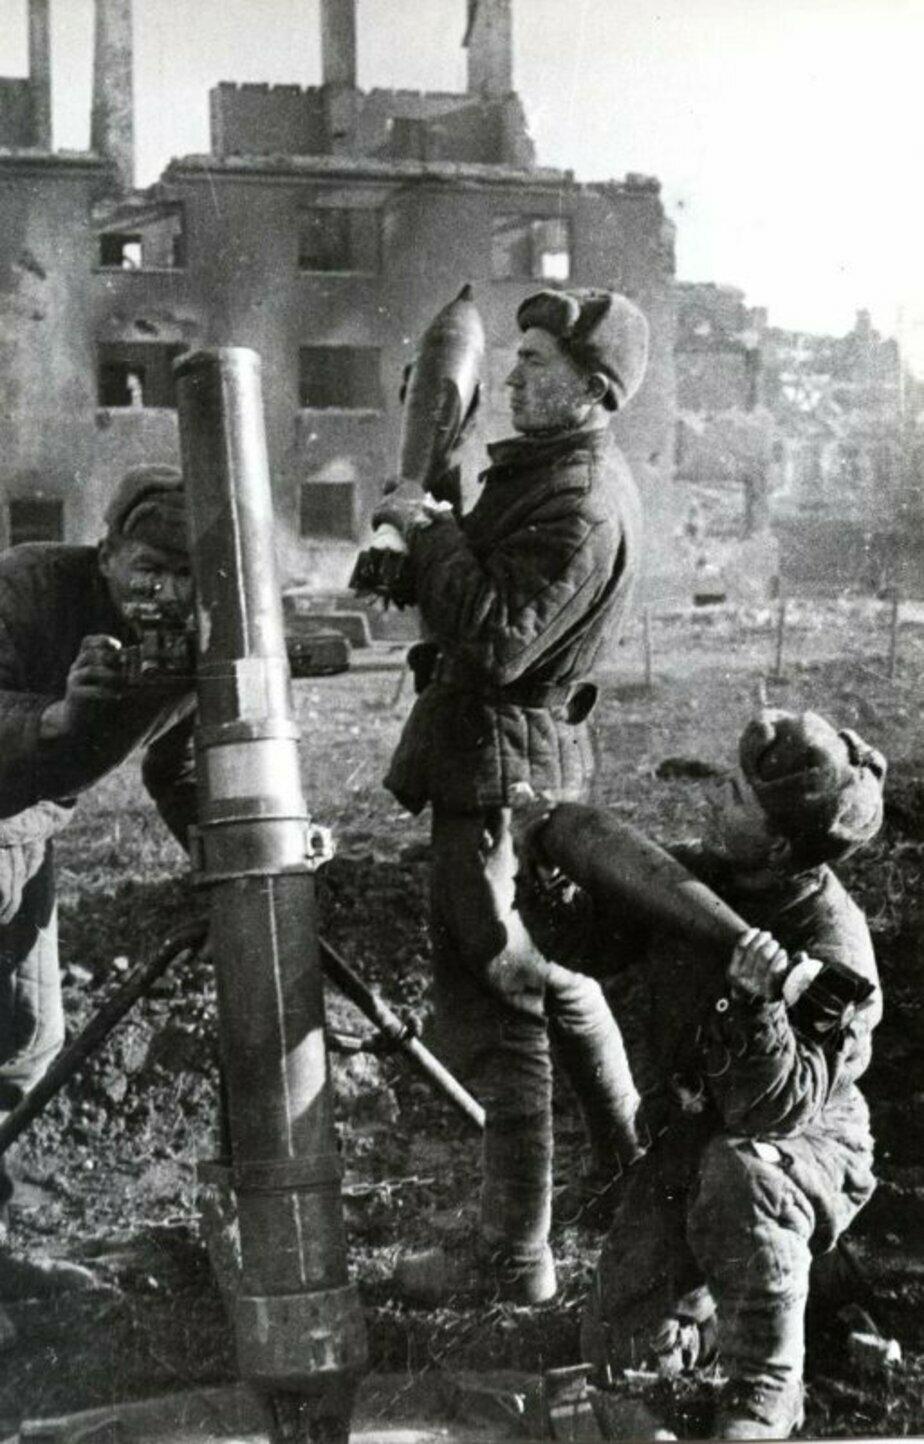 Советские миномётчики | Фото: Калининградский областной историко-художественный музей